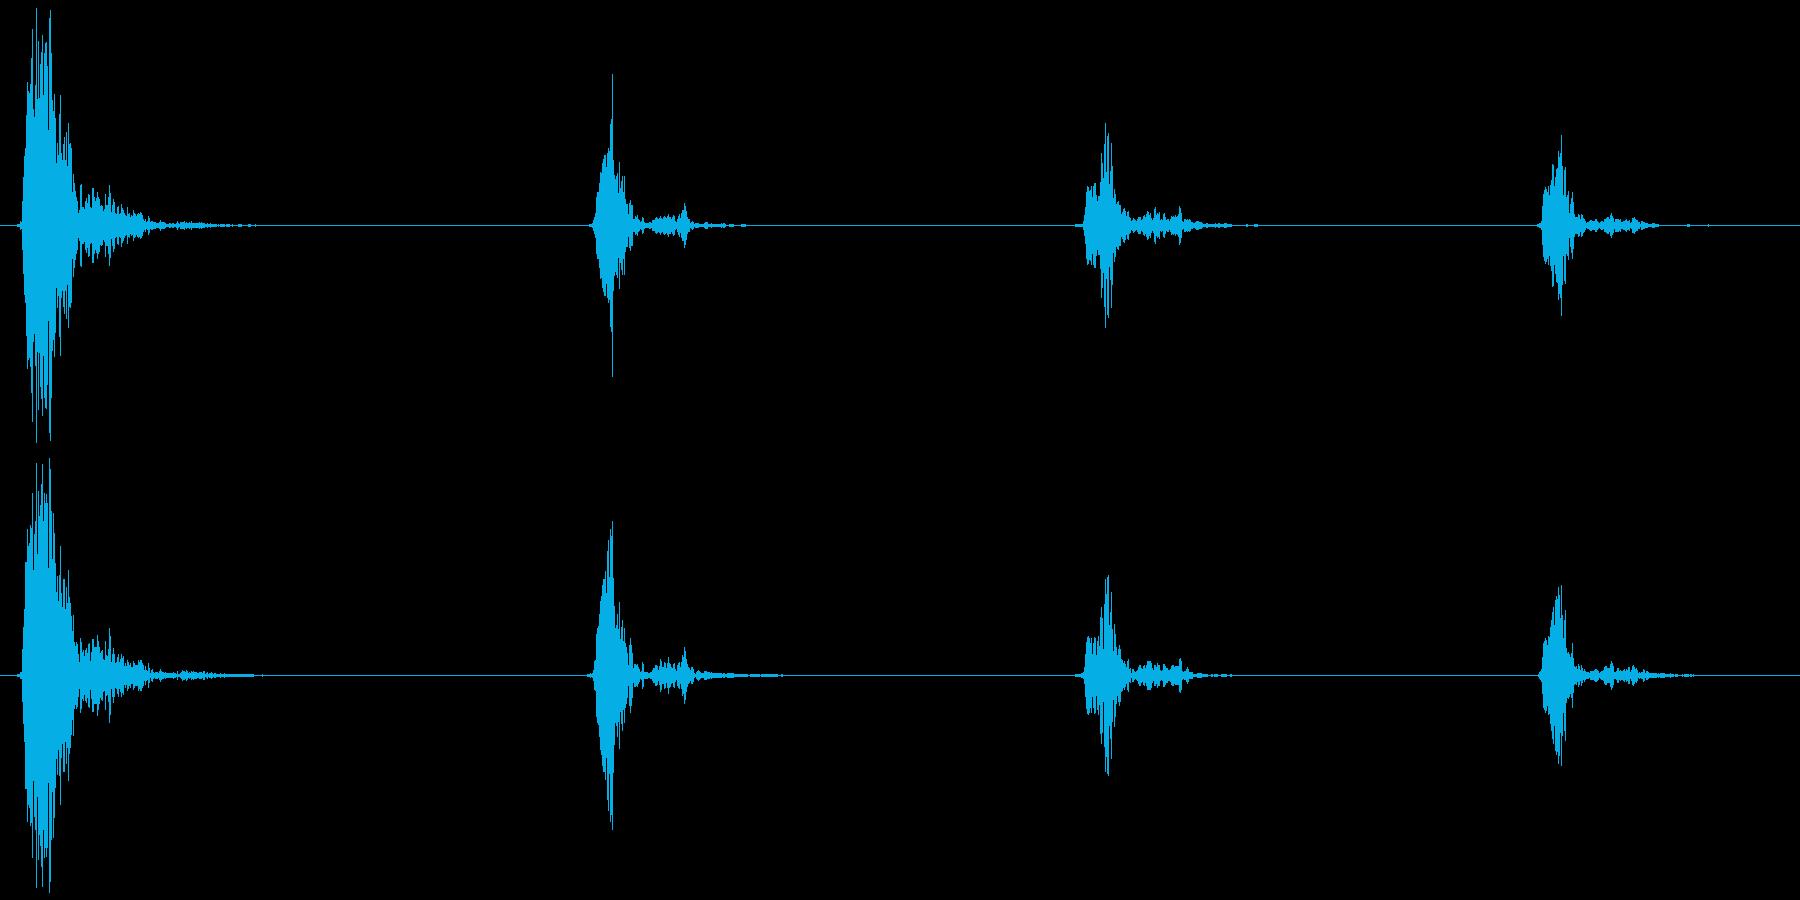 鳥のさえずり (チュウ、チ、チ、チ) の再生済みの波形